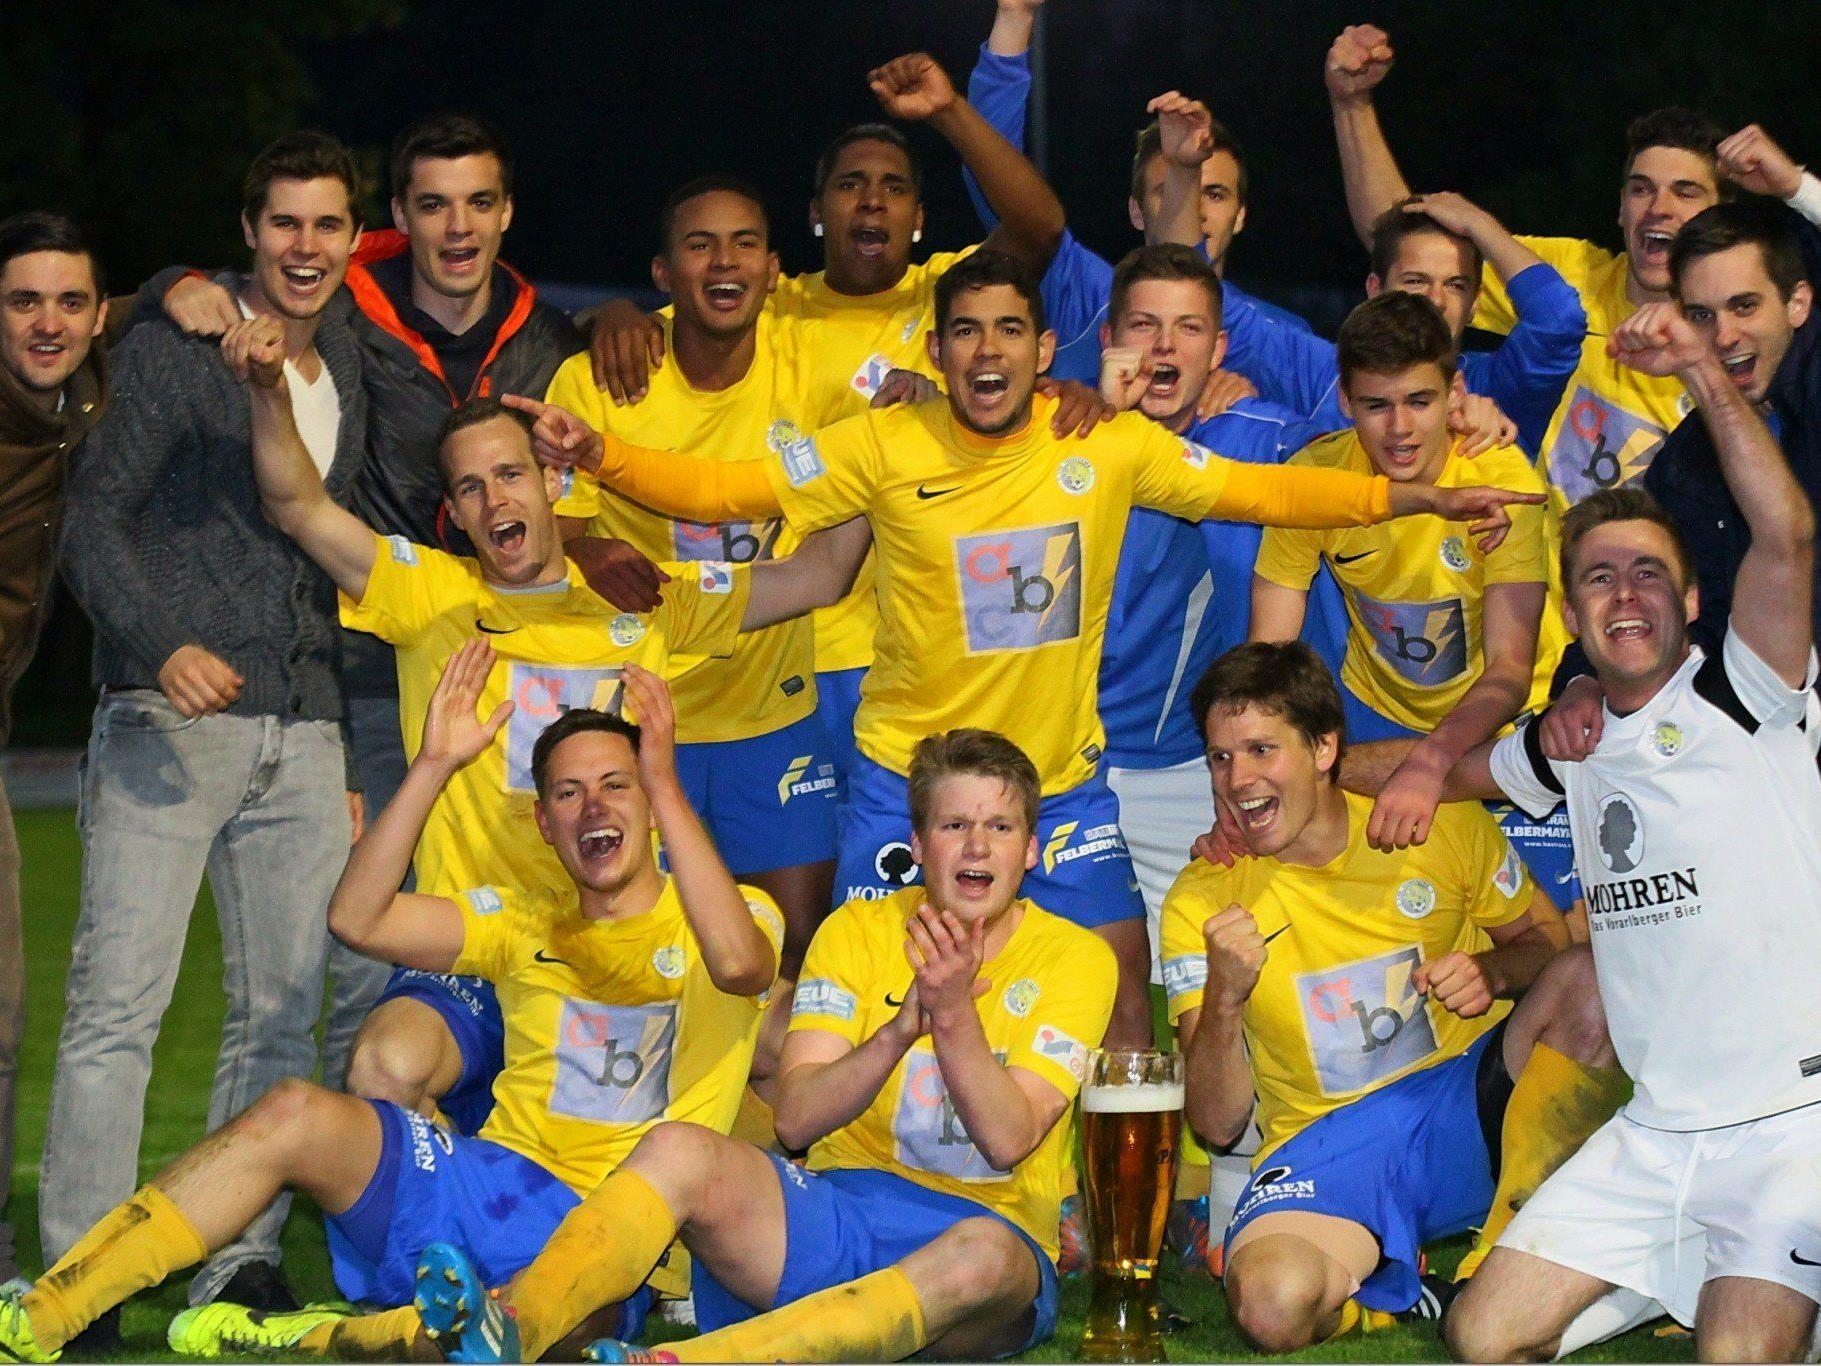 VfB Hohenems ist Meister in der Landesliga und steigt in die Vorarlbergliga auf.